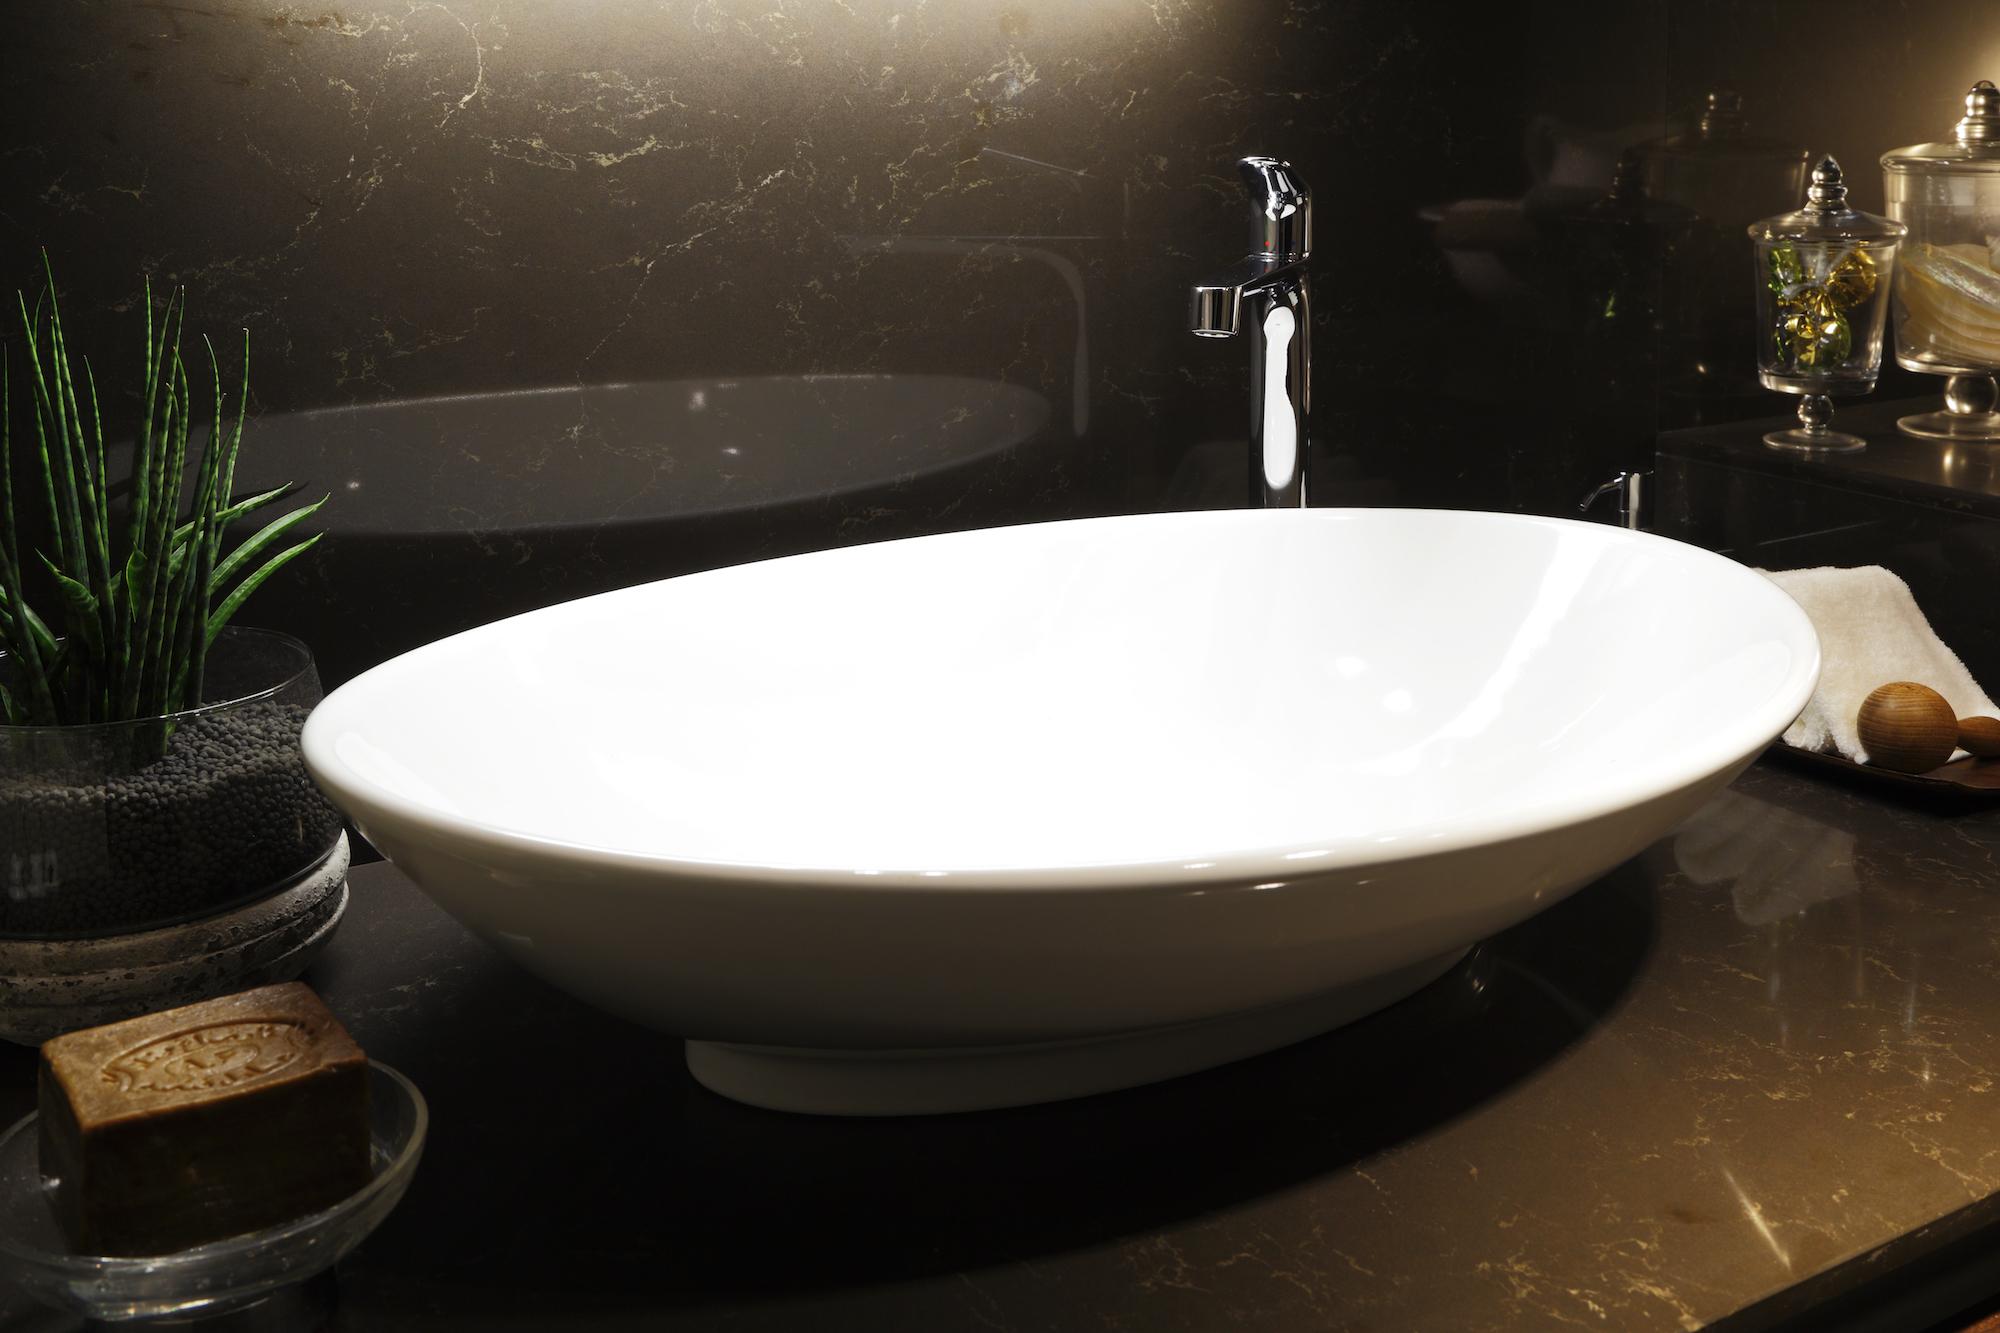 セレブ御用達のSCARABEOの洗面ボール イメージ